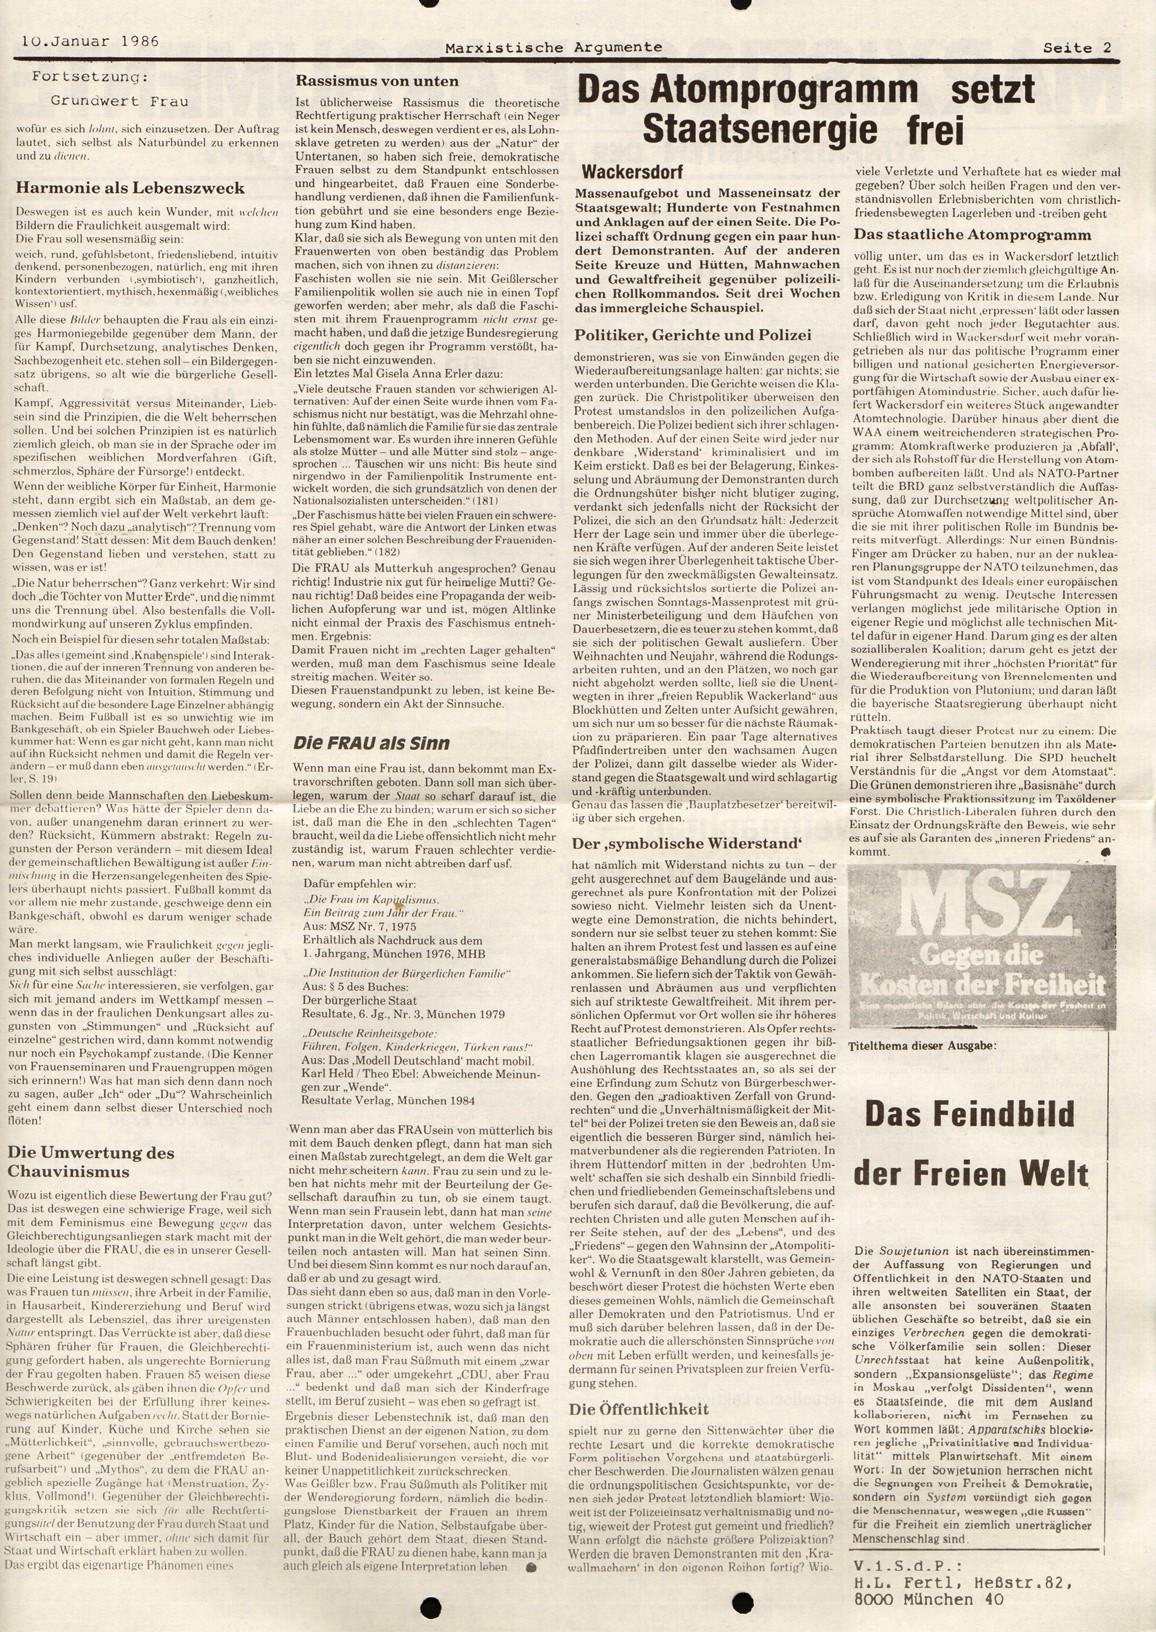 Berlin_MG_Symp_Argumente_19860110_02